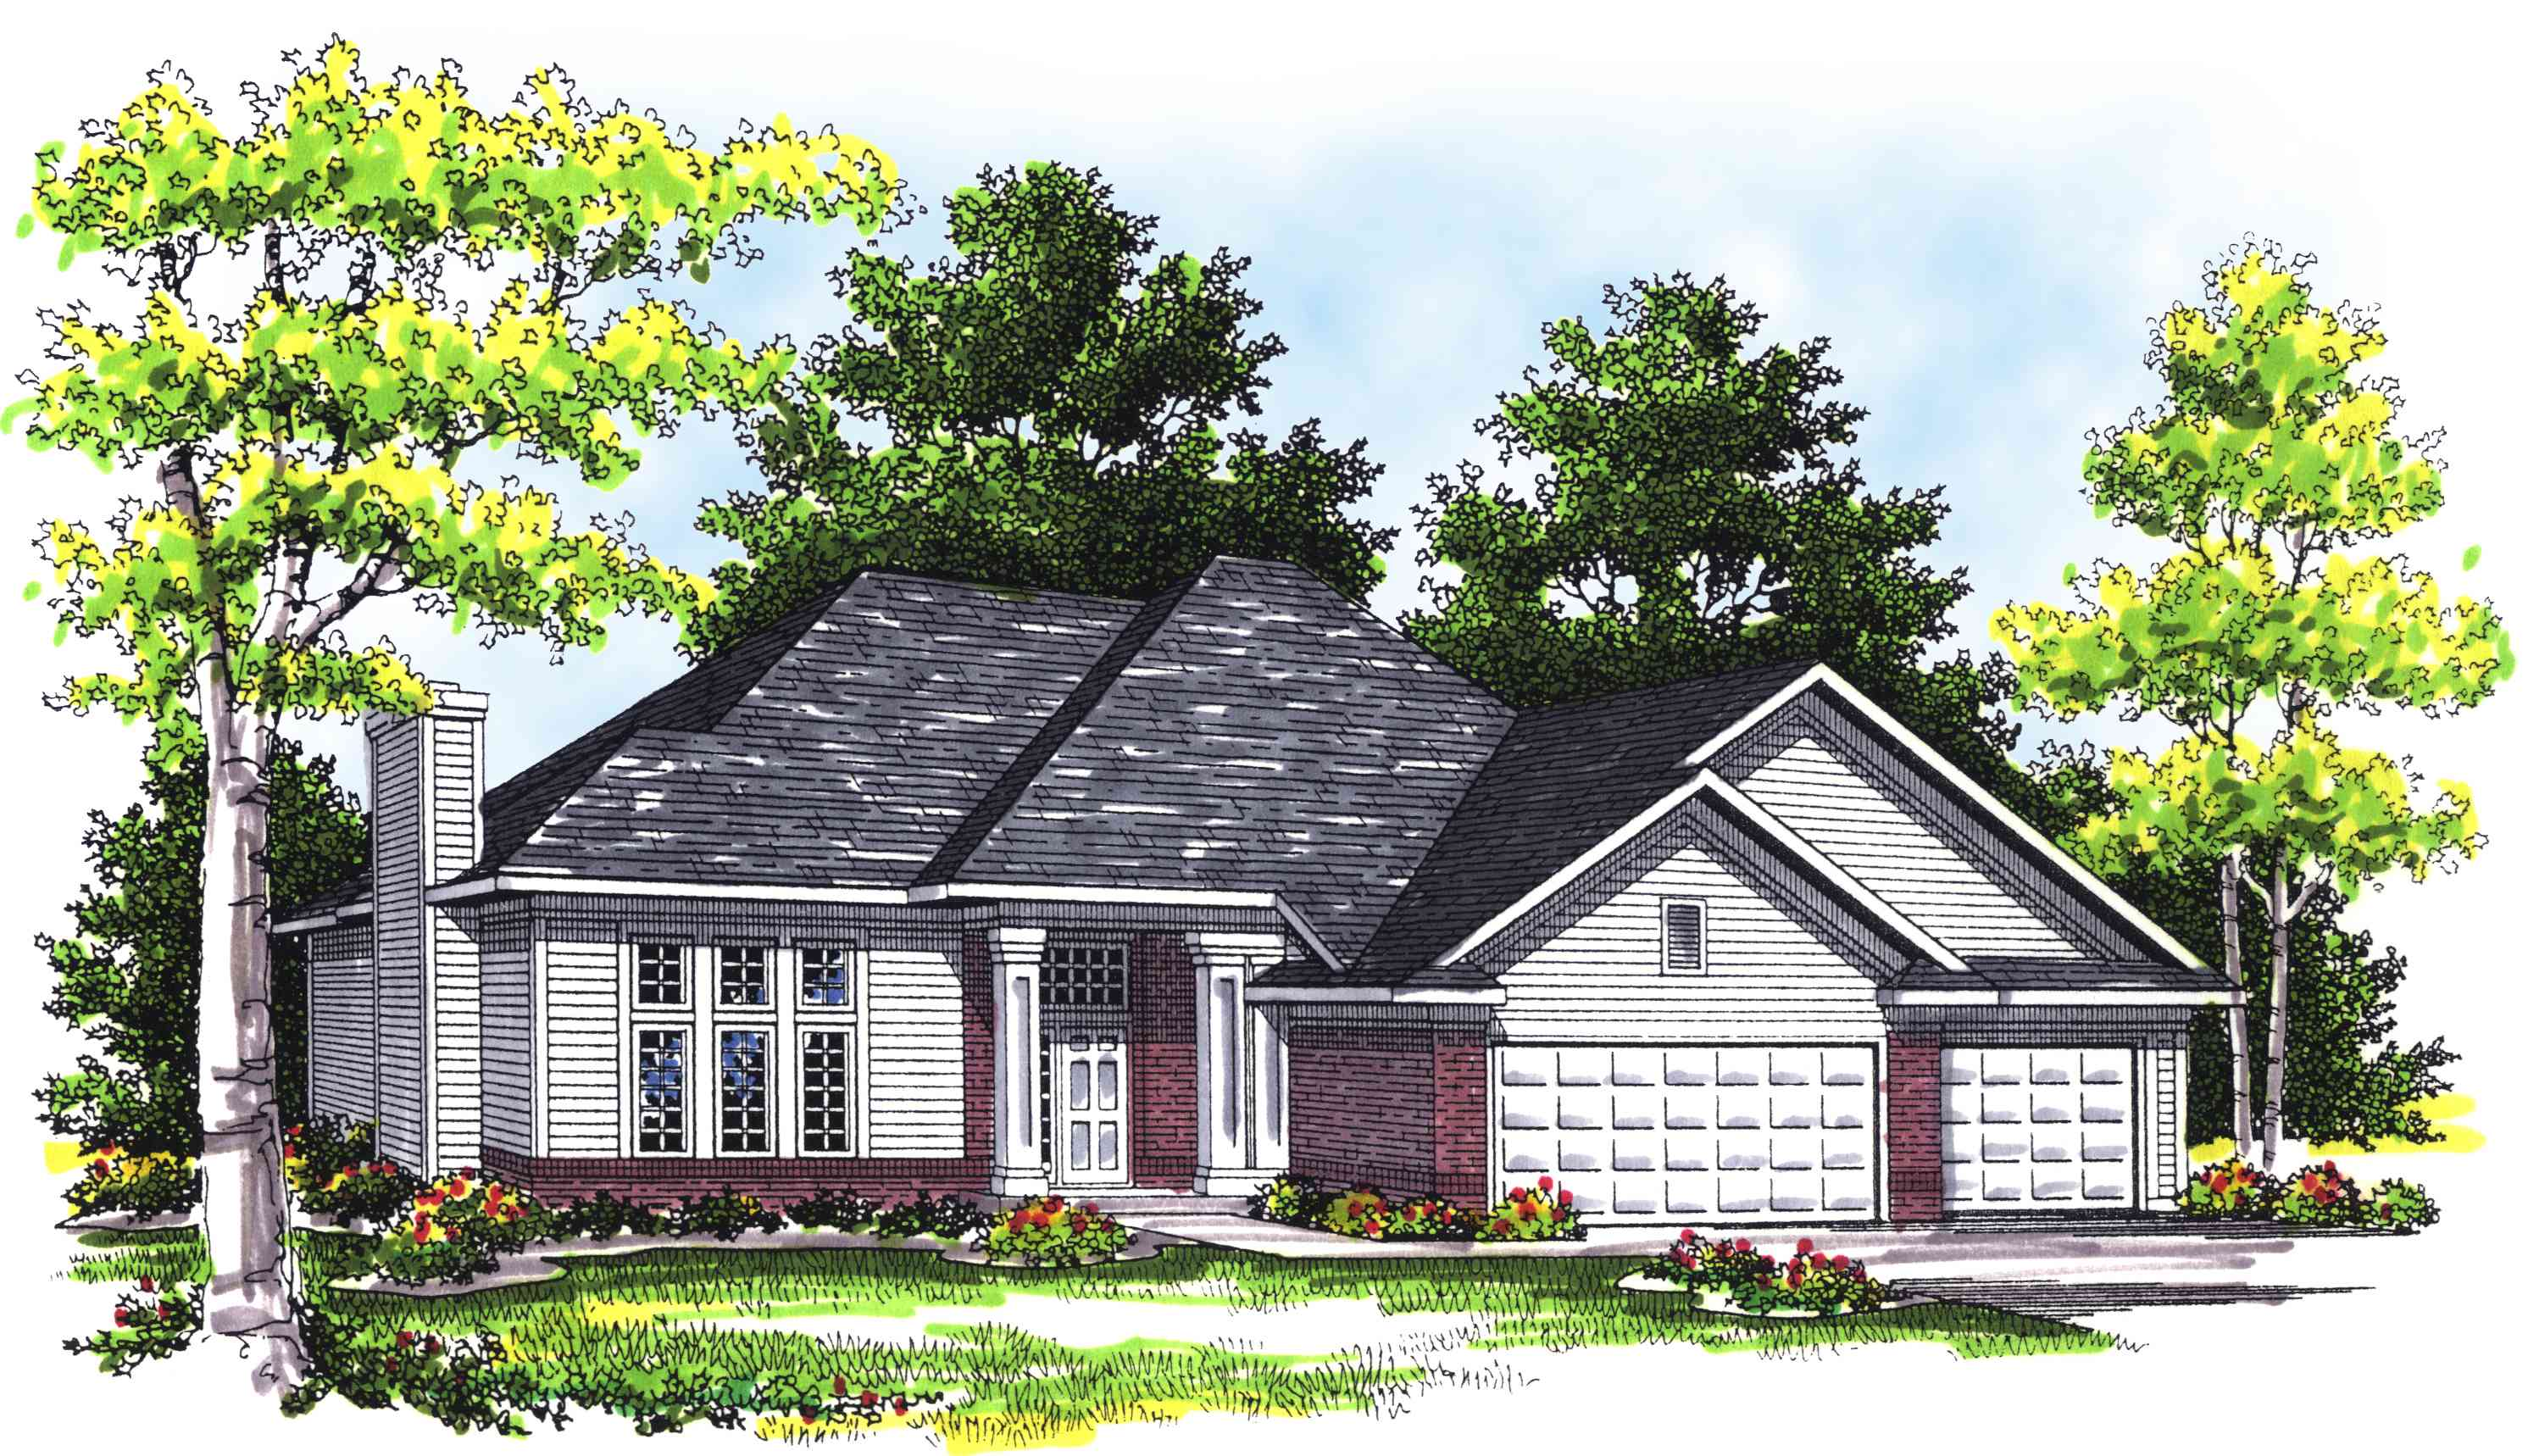 Unique Split Foyer Ranch - 89493ah Architectural Design